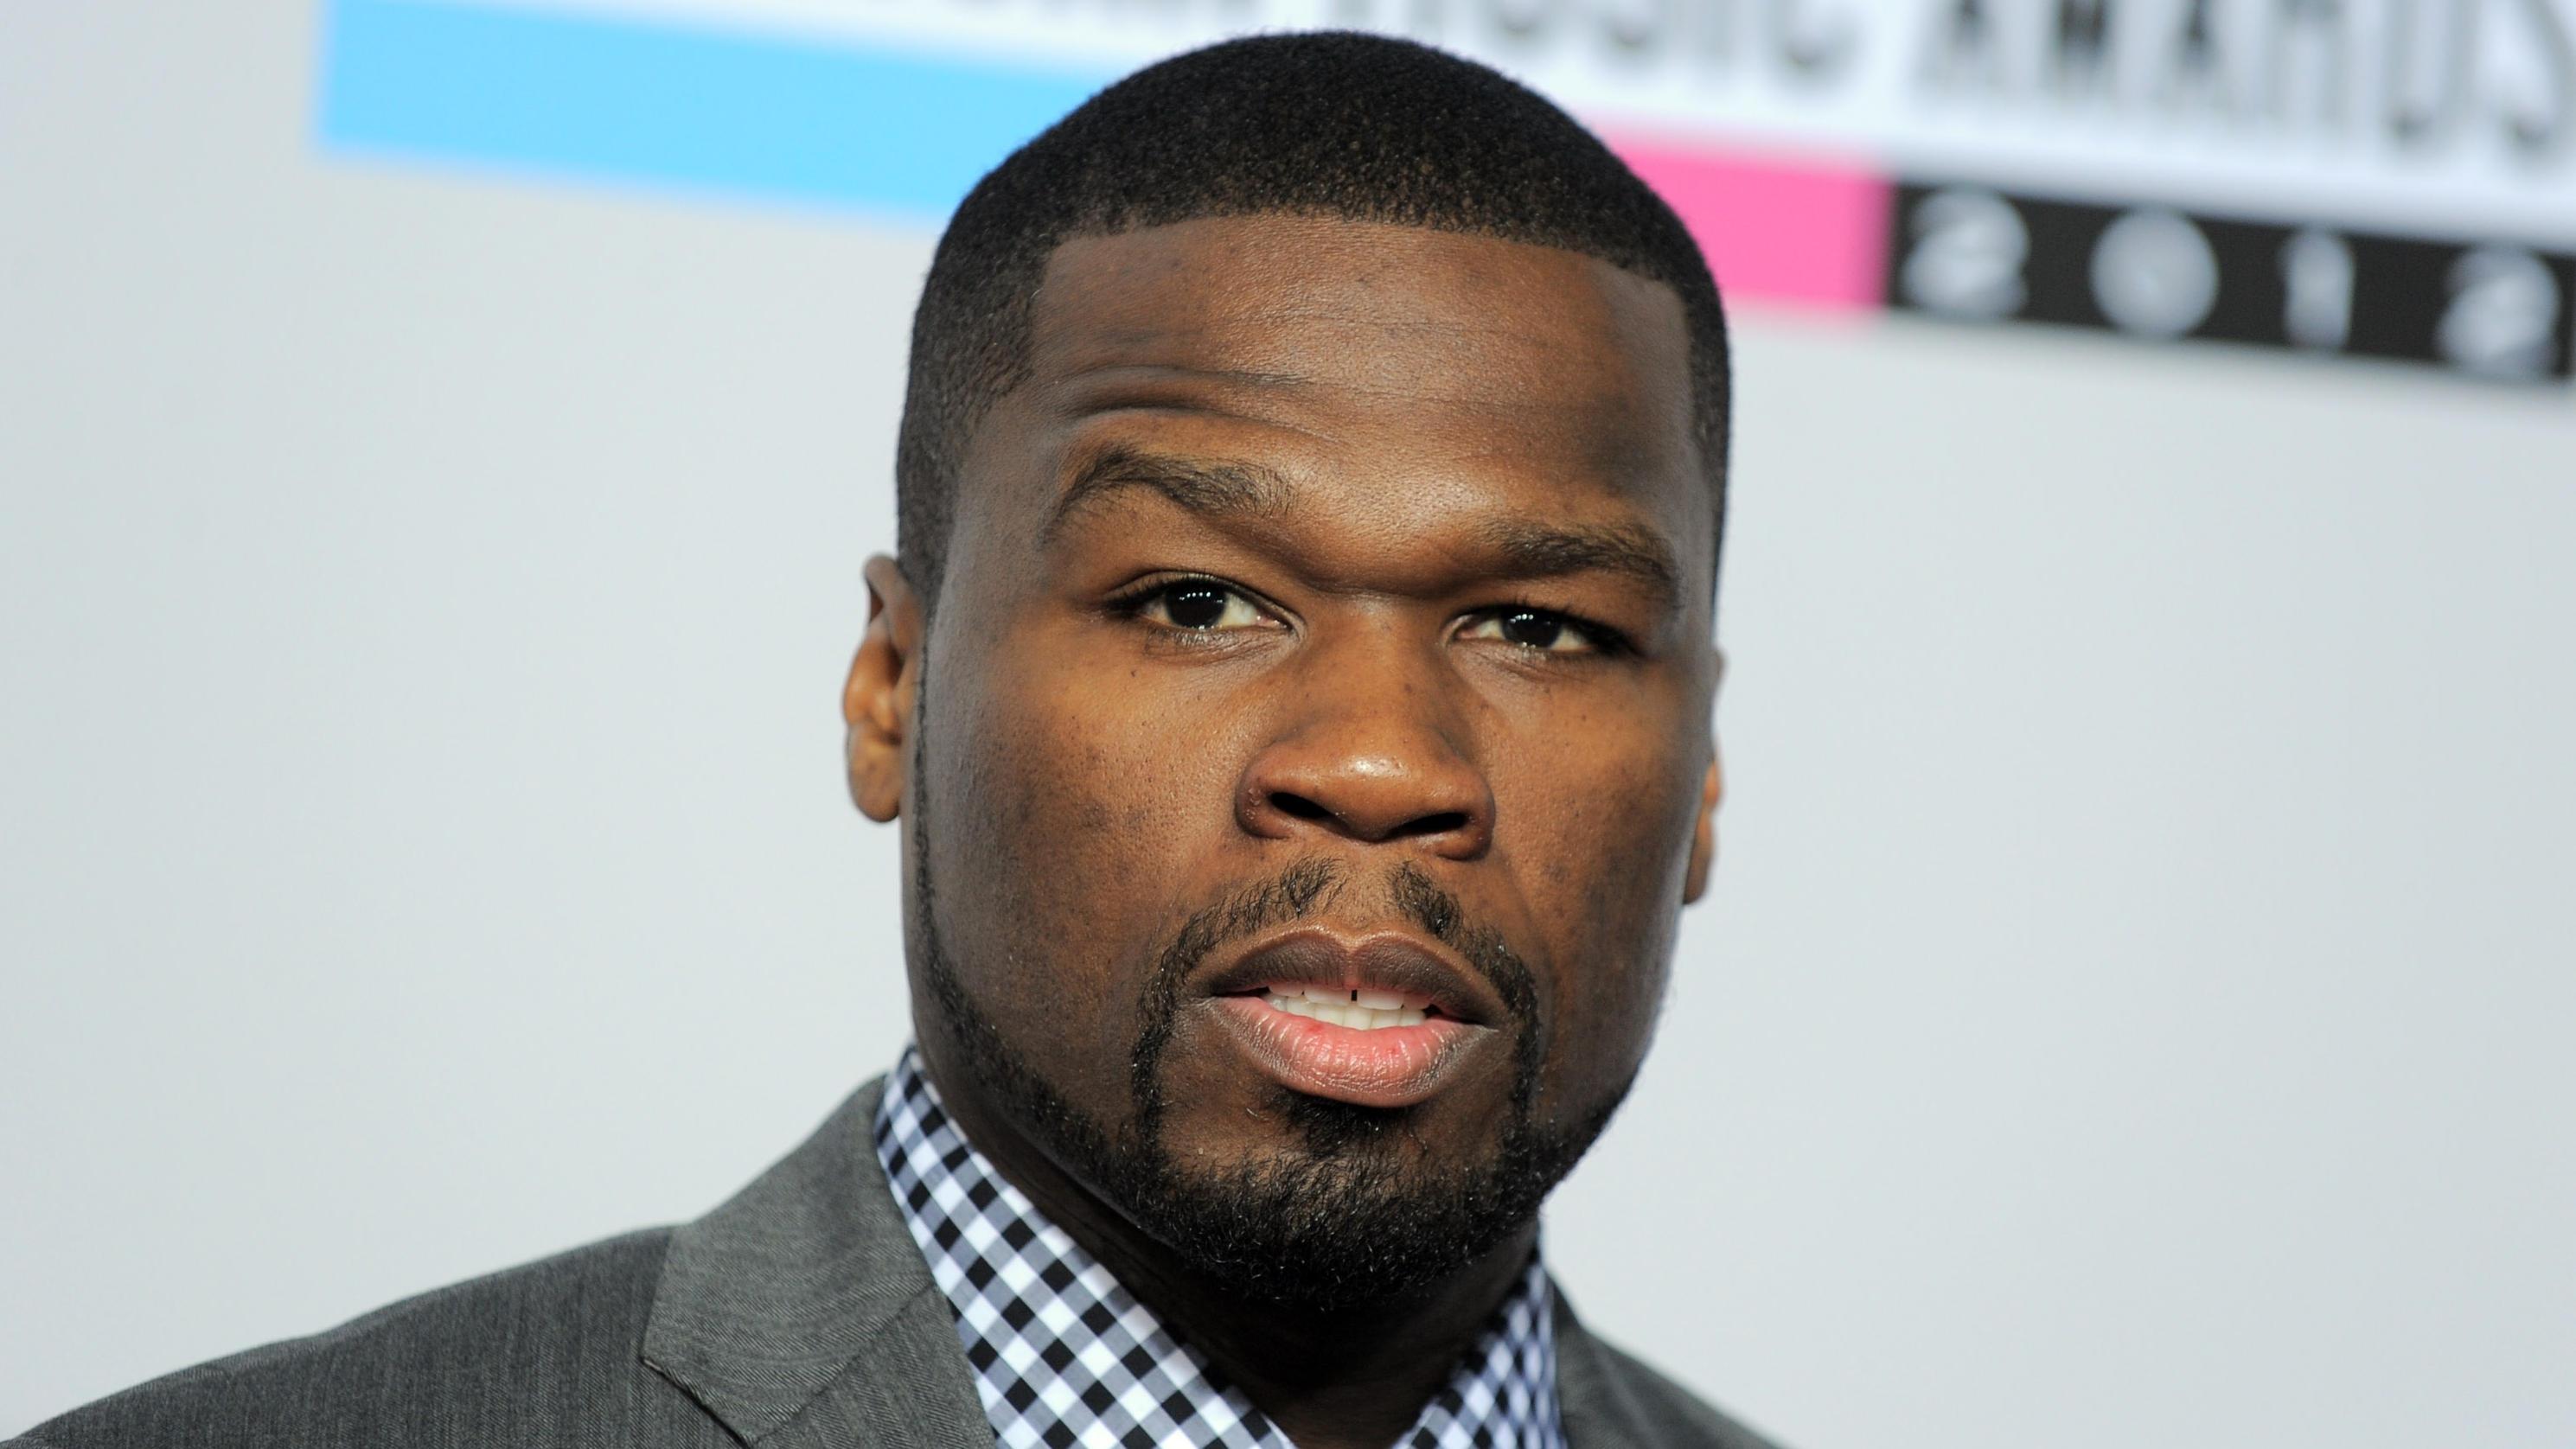 50 Cent Hd Wallpaper